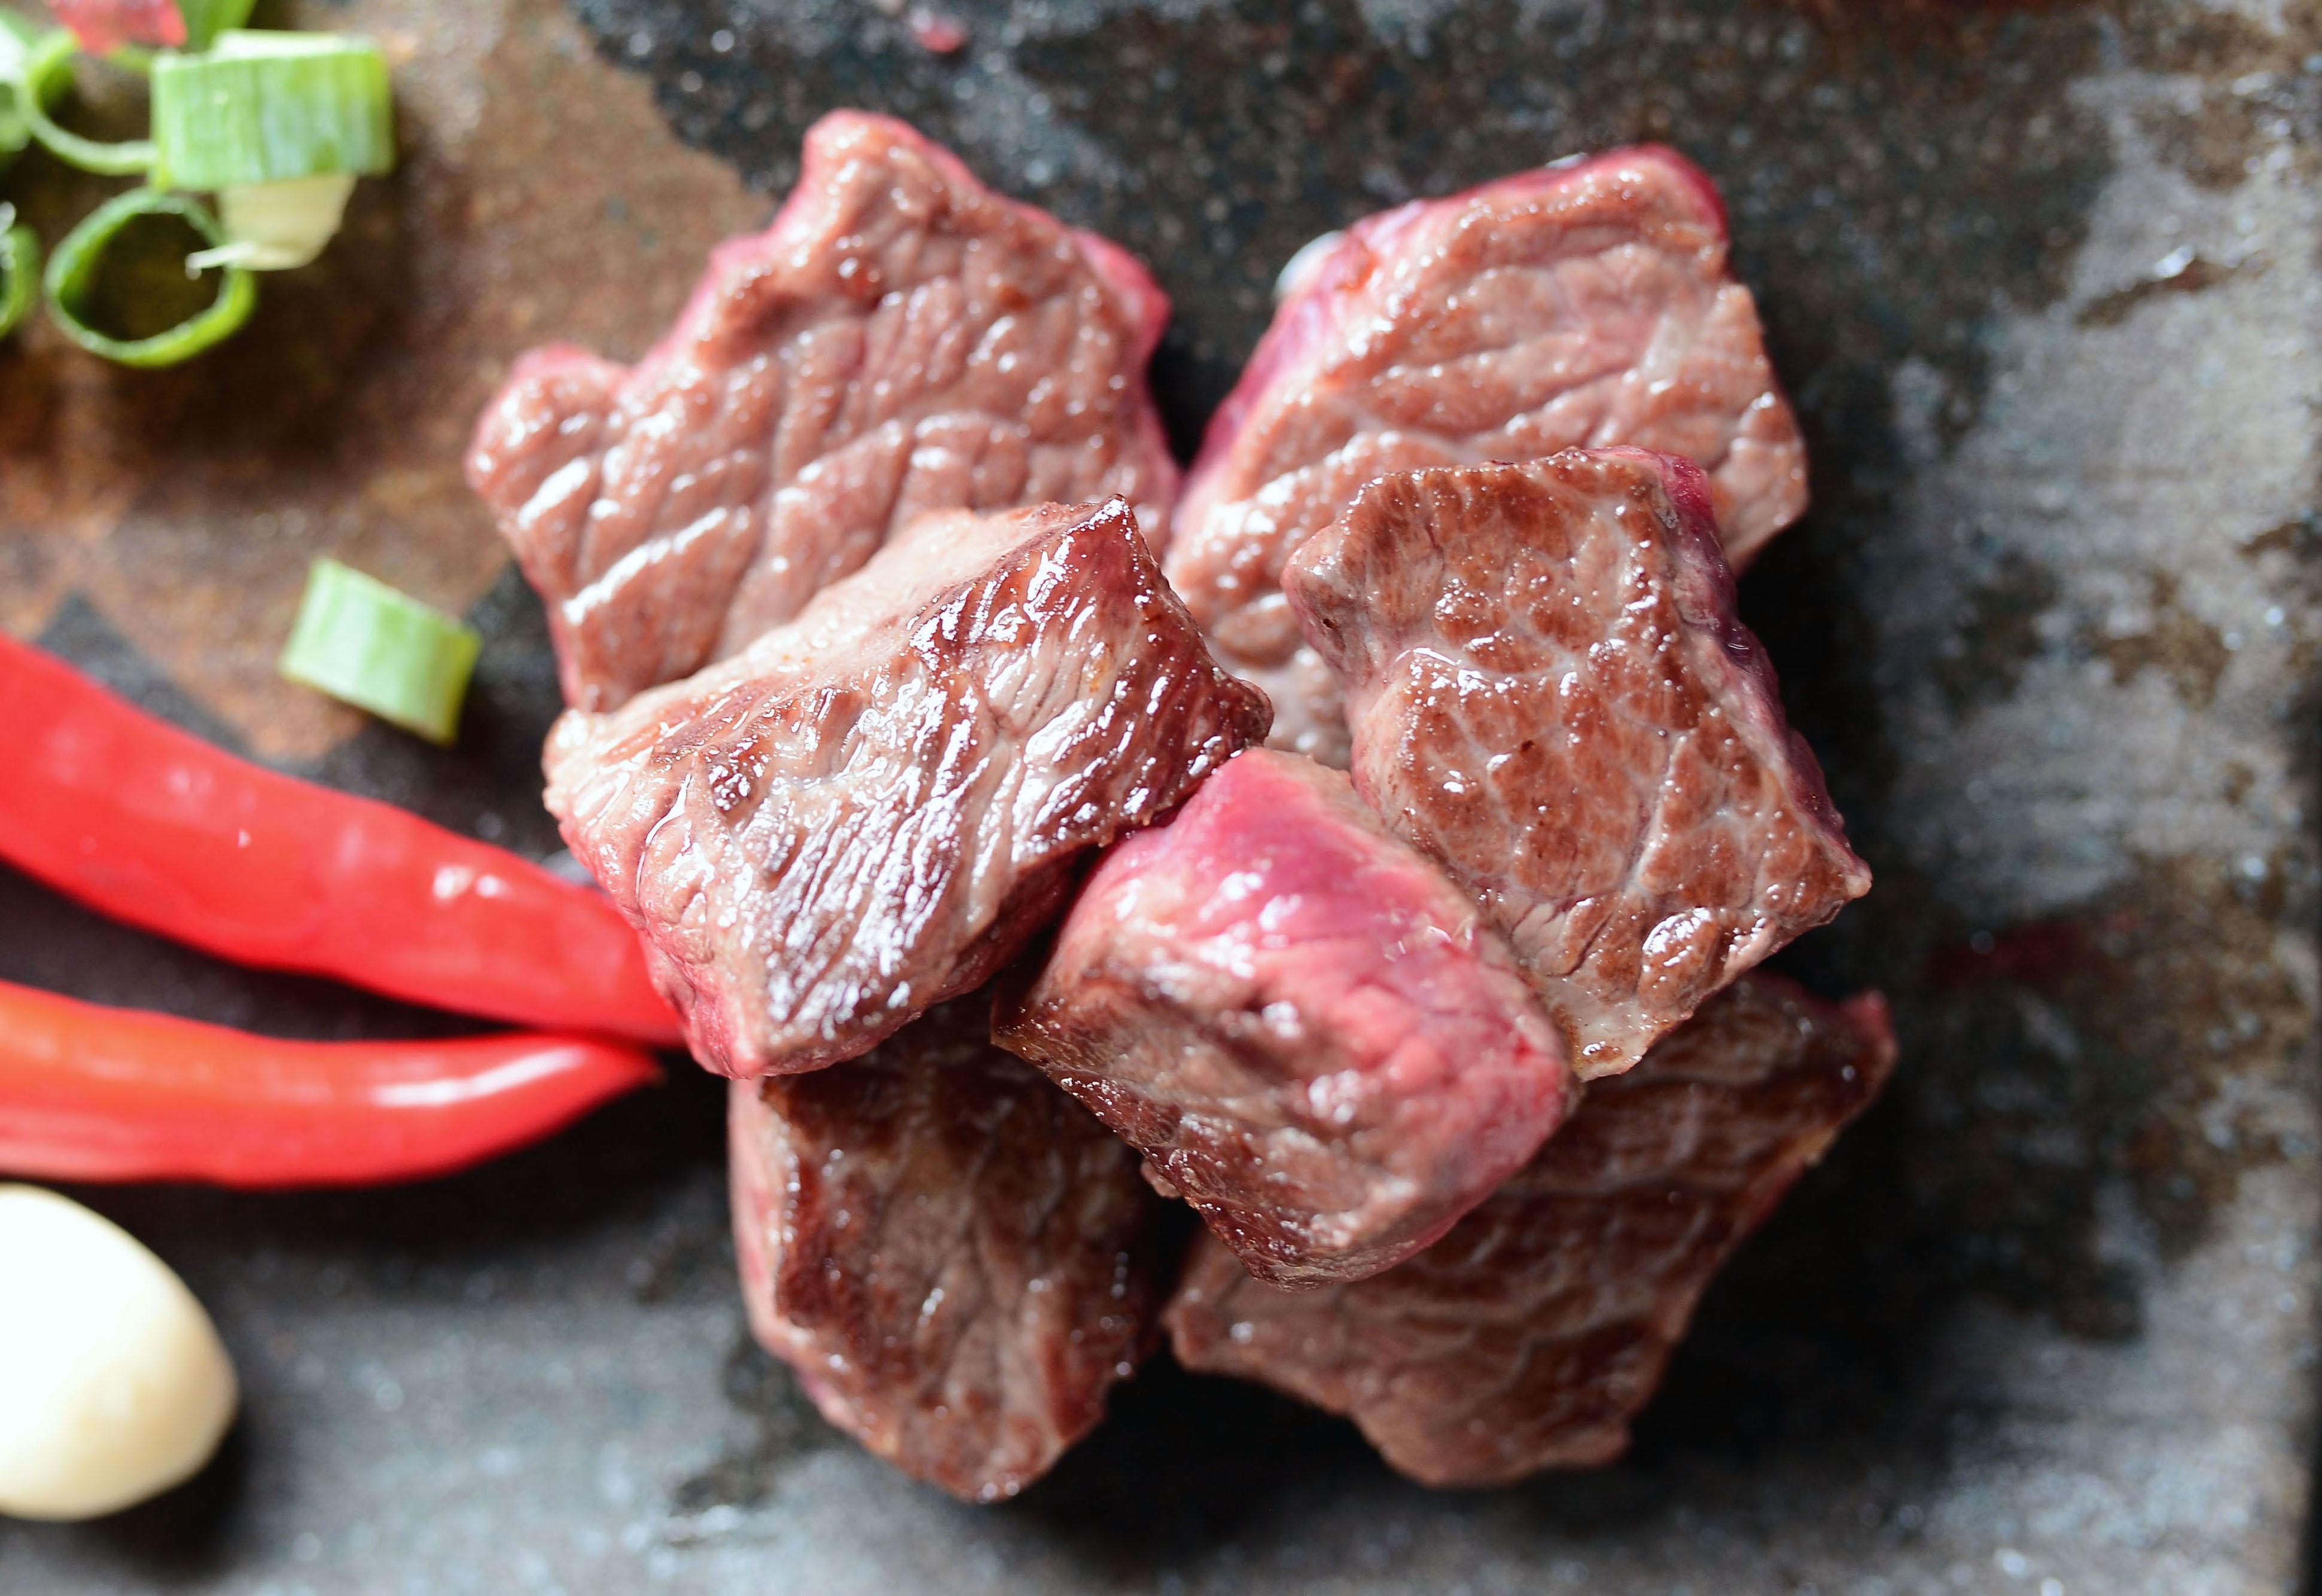 【 咩 】台灣努比亞嫩肩骰子羊  ★ 絕無羊騷味 肉厚嫩軟適 怕吃羊肉或不吃羊肉也會愛吃的烤羊肉 BBQ烤肉 燒烤 4